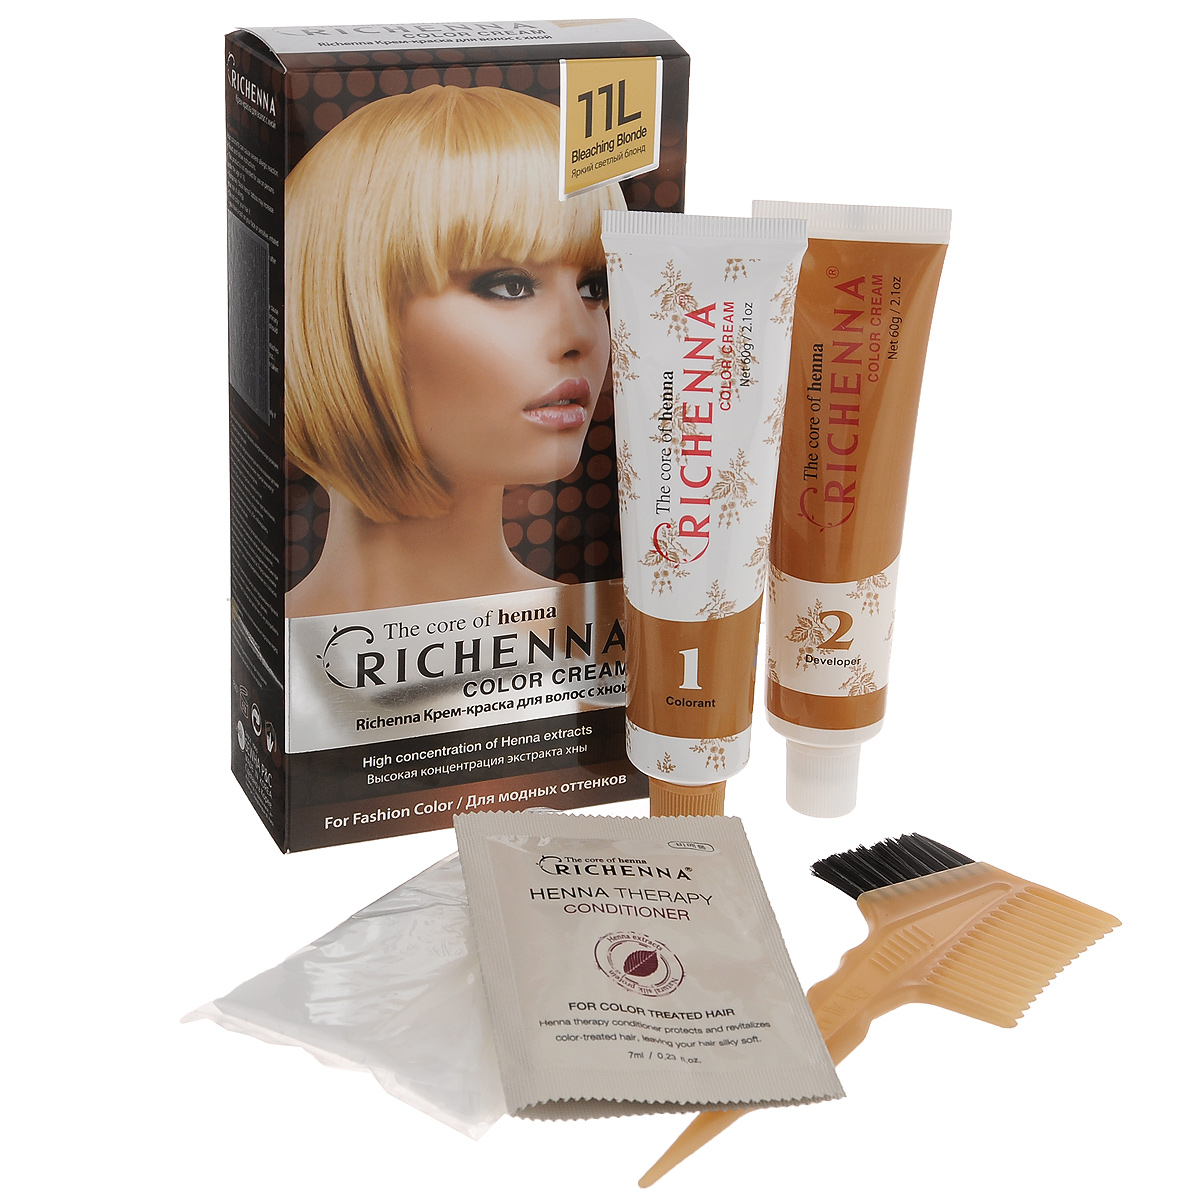 Крем-краска для волос Richenna с хной, 11L. Яркий светлый блондин29009Крем-краска для волос Richenna с хной рекомендуется для безопасного изменения цвета волос, полного окрашивания седых волос и в случае повышенной чувствительности к искусственным компонентам краски для волос.Высокая концентрация экстракта хны в составе крем-краски позволяет уменьшить повреждение волос, сделать их эластичными и здоровыми, придает волосам живой цвет и красивый блеск. Не раздражая кожу, крем-краска полностью закрашивает седину и обладает приятным цветочным ароматом.Упаковка средства в 2-х отдельных тубах позволяет использовать средство несколько раз в зависимости от объема и длины волос. Благодаря кремовой текстуре хорошо наносится и не течет. Время окрашивания 20-30 мин. Характеристики:Номер краски: 11L.Цвет: яркий светлый блондин.Объем крем-краски: 60 г.Объем крем-окислителя: 60 г.Объем шампуня с хной: 10 мл.Объем кондиционера с хной: 7 мл.Производитель: Корея.В комплекте: 1 тюбик с крем-краской, 1 тюбик с крем-окислителем, 1 пакетик с шампунем, 1 пакетик с кондиционером, 1 пара перчаток, накидка, пластиковая тара, расческа-кисточка для нанесения и распределения крем-краски и инструкция по применению. Товар сертифицирован.Внимание! Продукт может вызвать аллергическую реакцию, которая в редких случаях может нанести серьезный вред вашему здоровью. Проконсультируйтесь с врачом-специалистом передприменением любых окрашивающих средств.